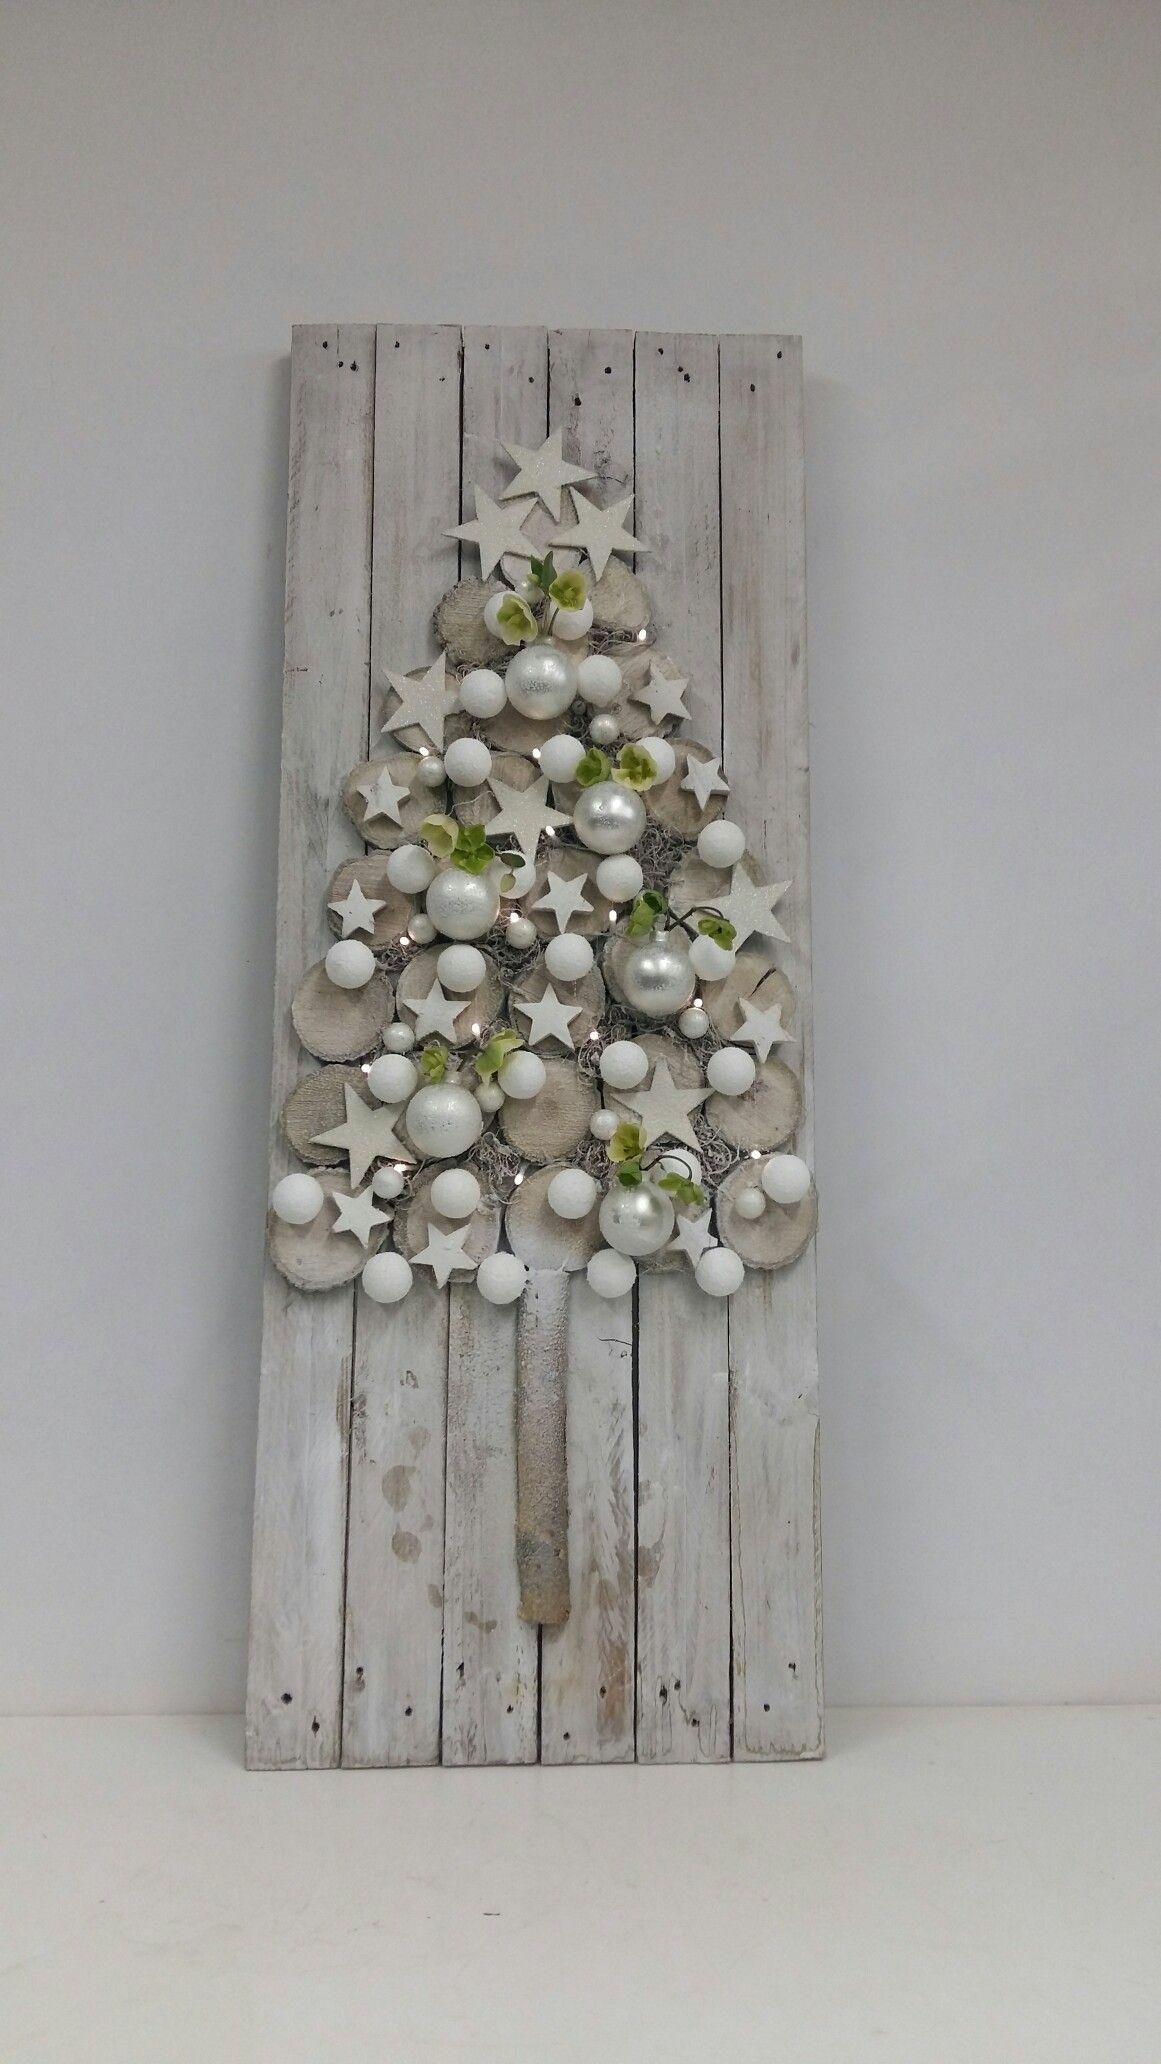 weiße Weihnachten - White Christmas decor #kerstideeën